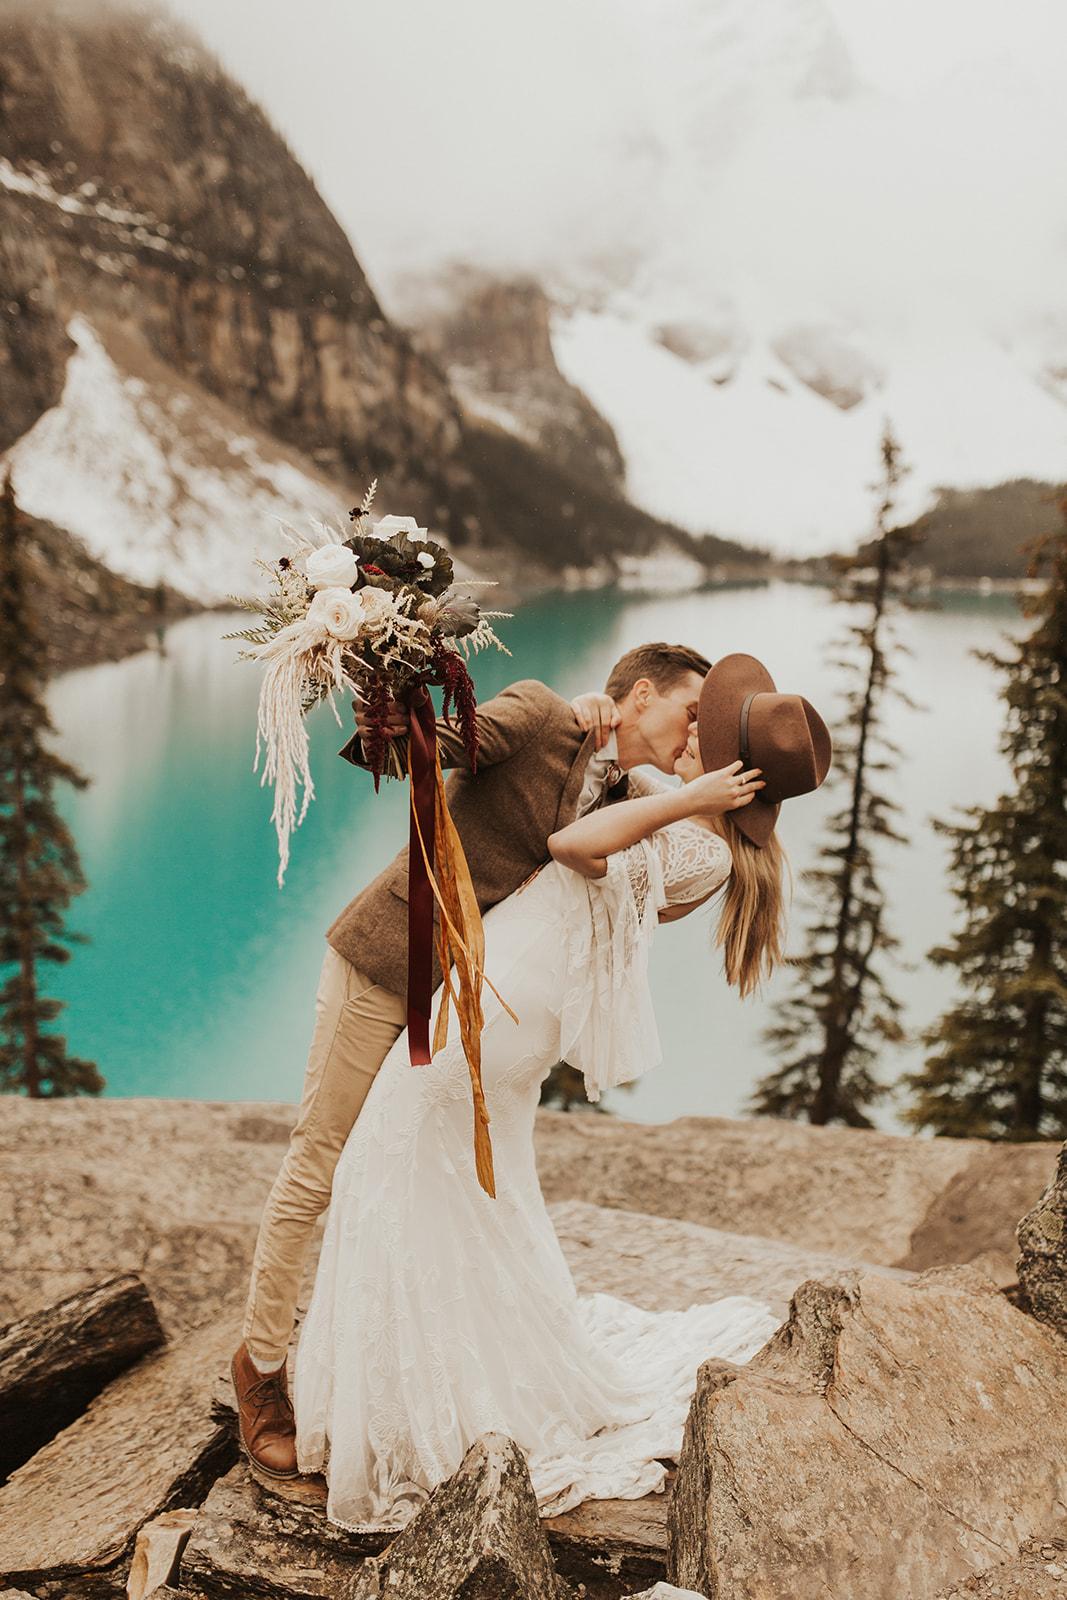 Banff Elopement l Lake Moraine Elopement l Vintage Bolo Tie l Pampas Grass Boho Boquet l Rue Design Wedding Dress l Banff Wedding Photographer l Destination Wedding Photographer l Katy Rose Photo_-129.jpg